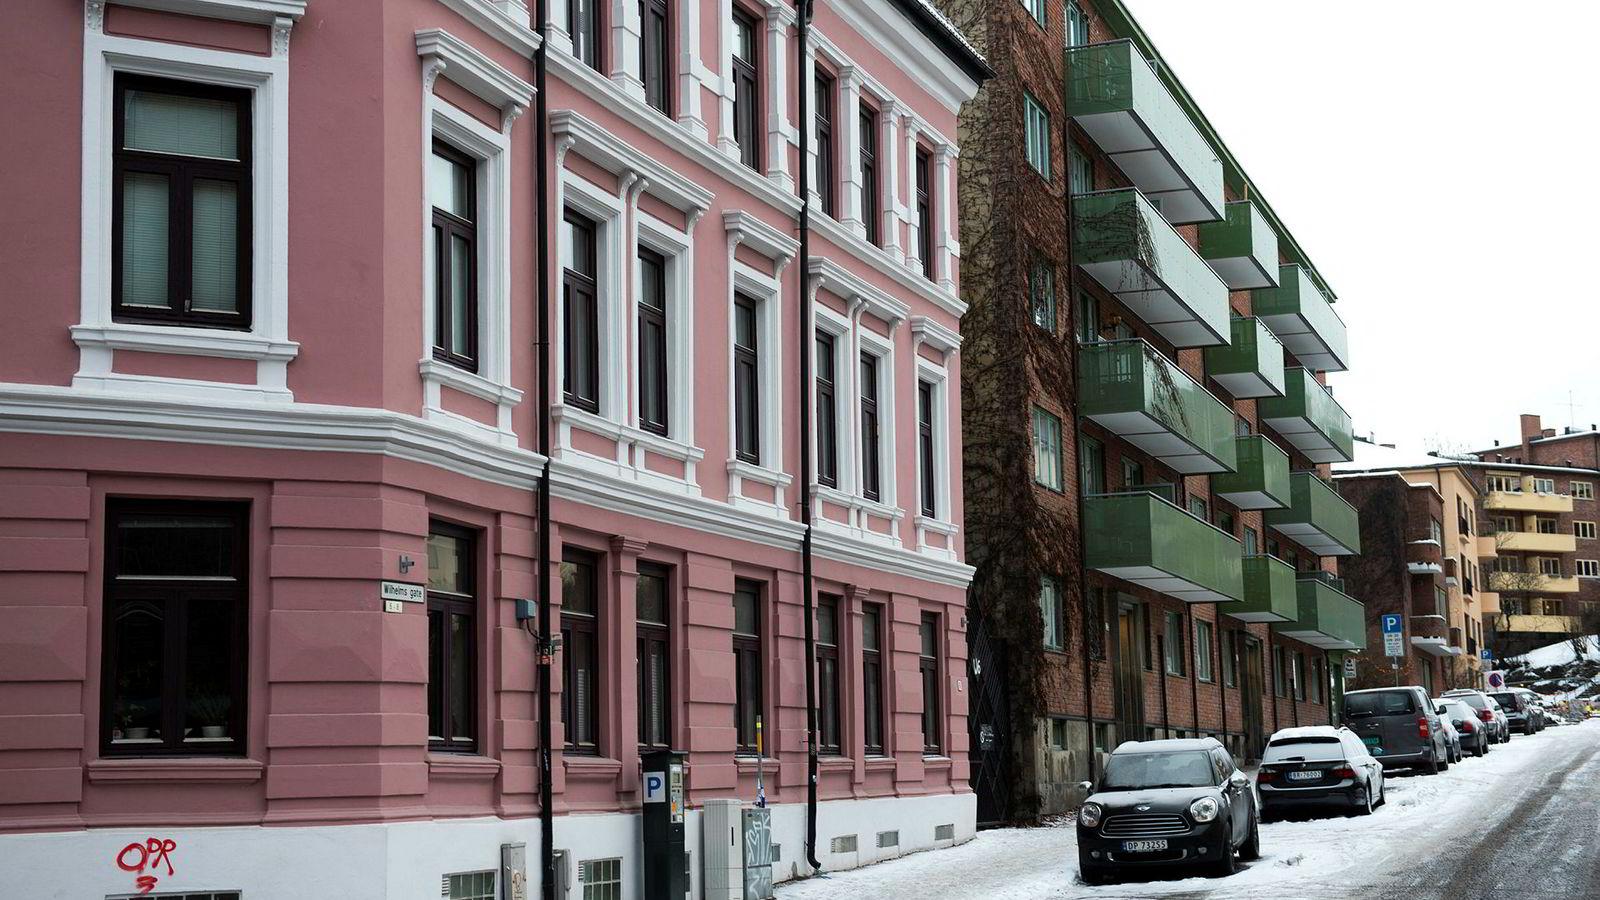 Lavere normalrente gir altså et høyere balansert boligprisnivå og en høyere bærekraftig gjeldsbelastning.